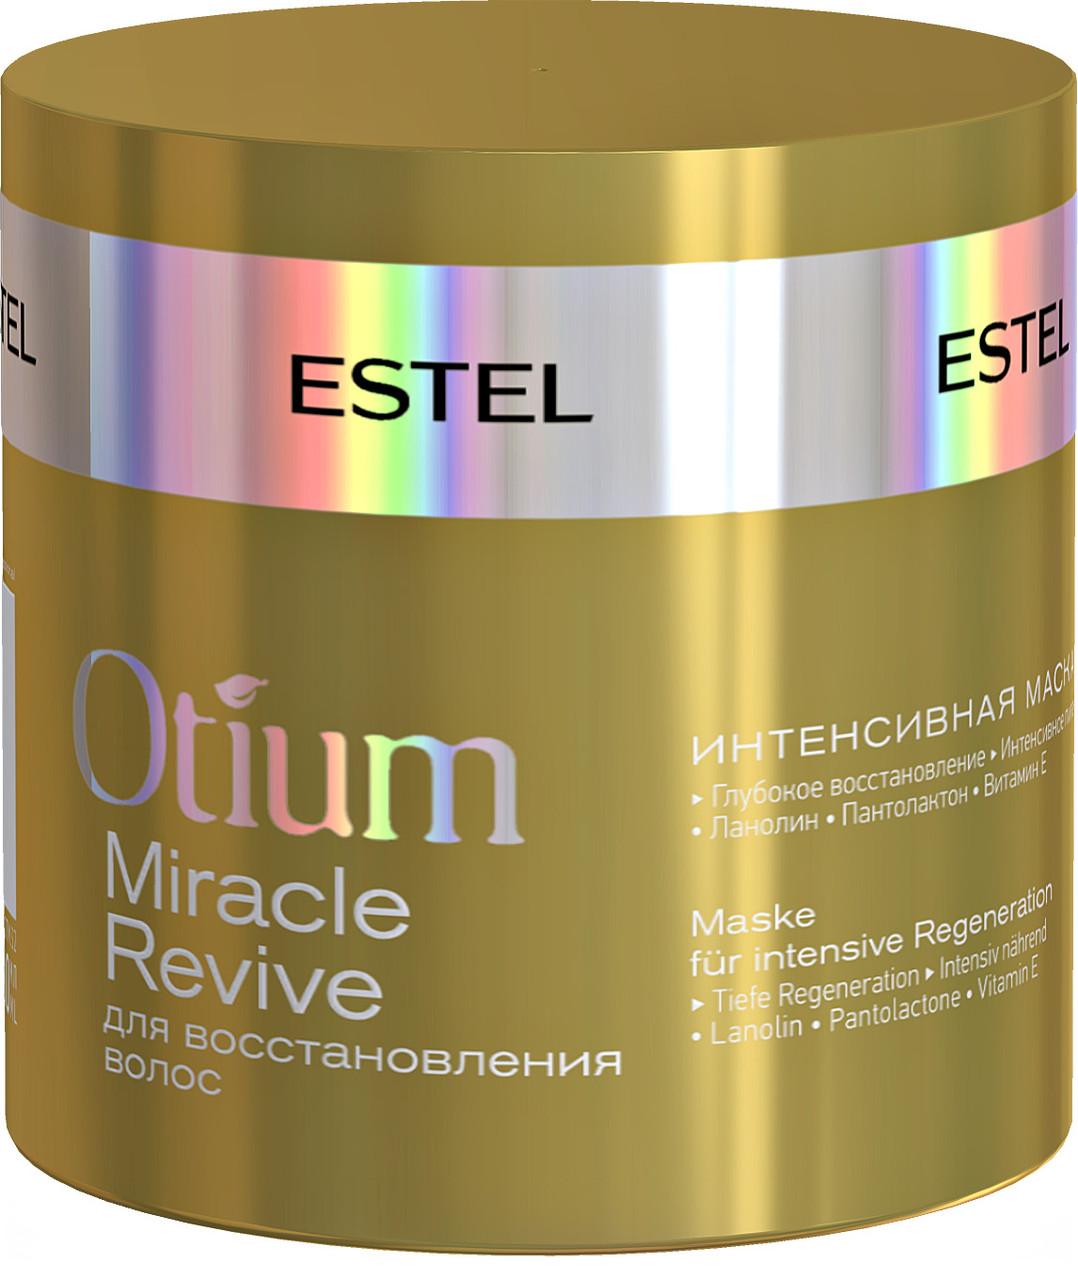 Интенсивная маска для восстановления волос Estel OTIUM MIRACLE REVIVE, 300 мл